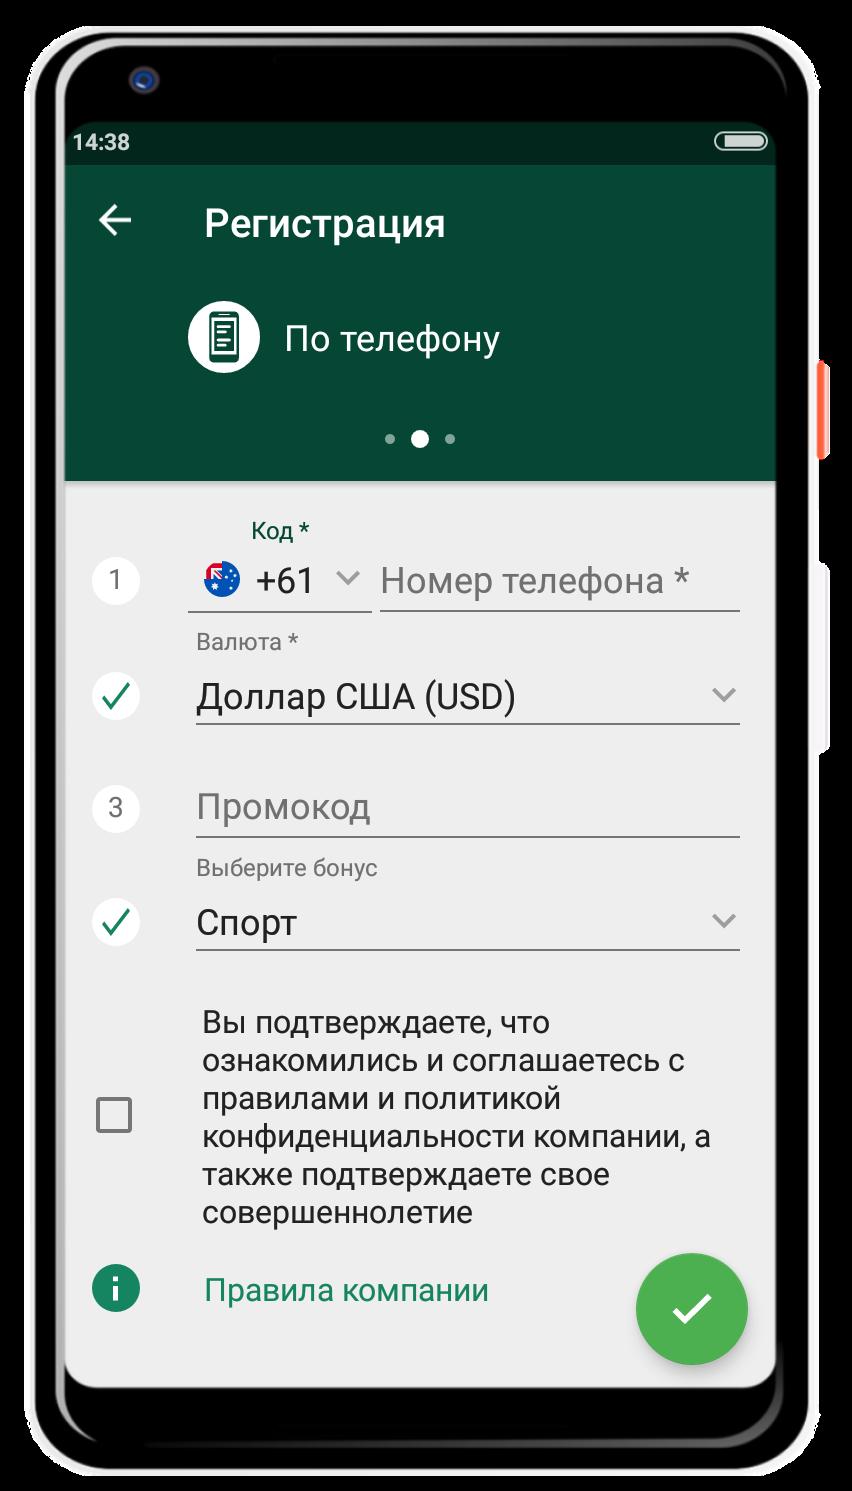 Регистрация через приложение андроид